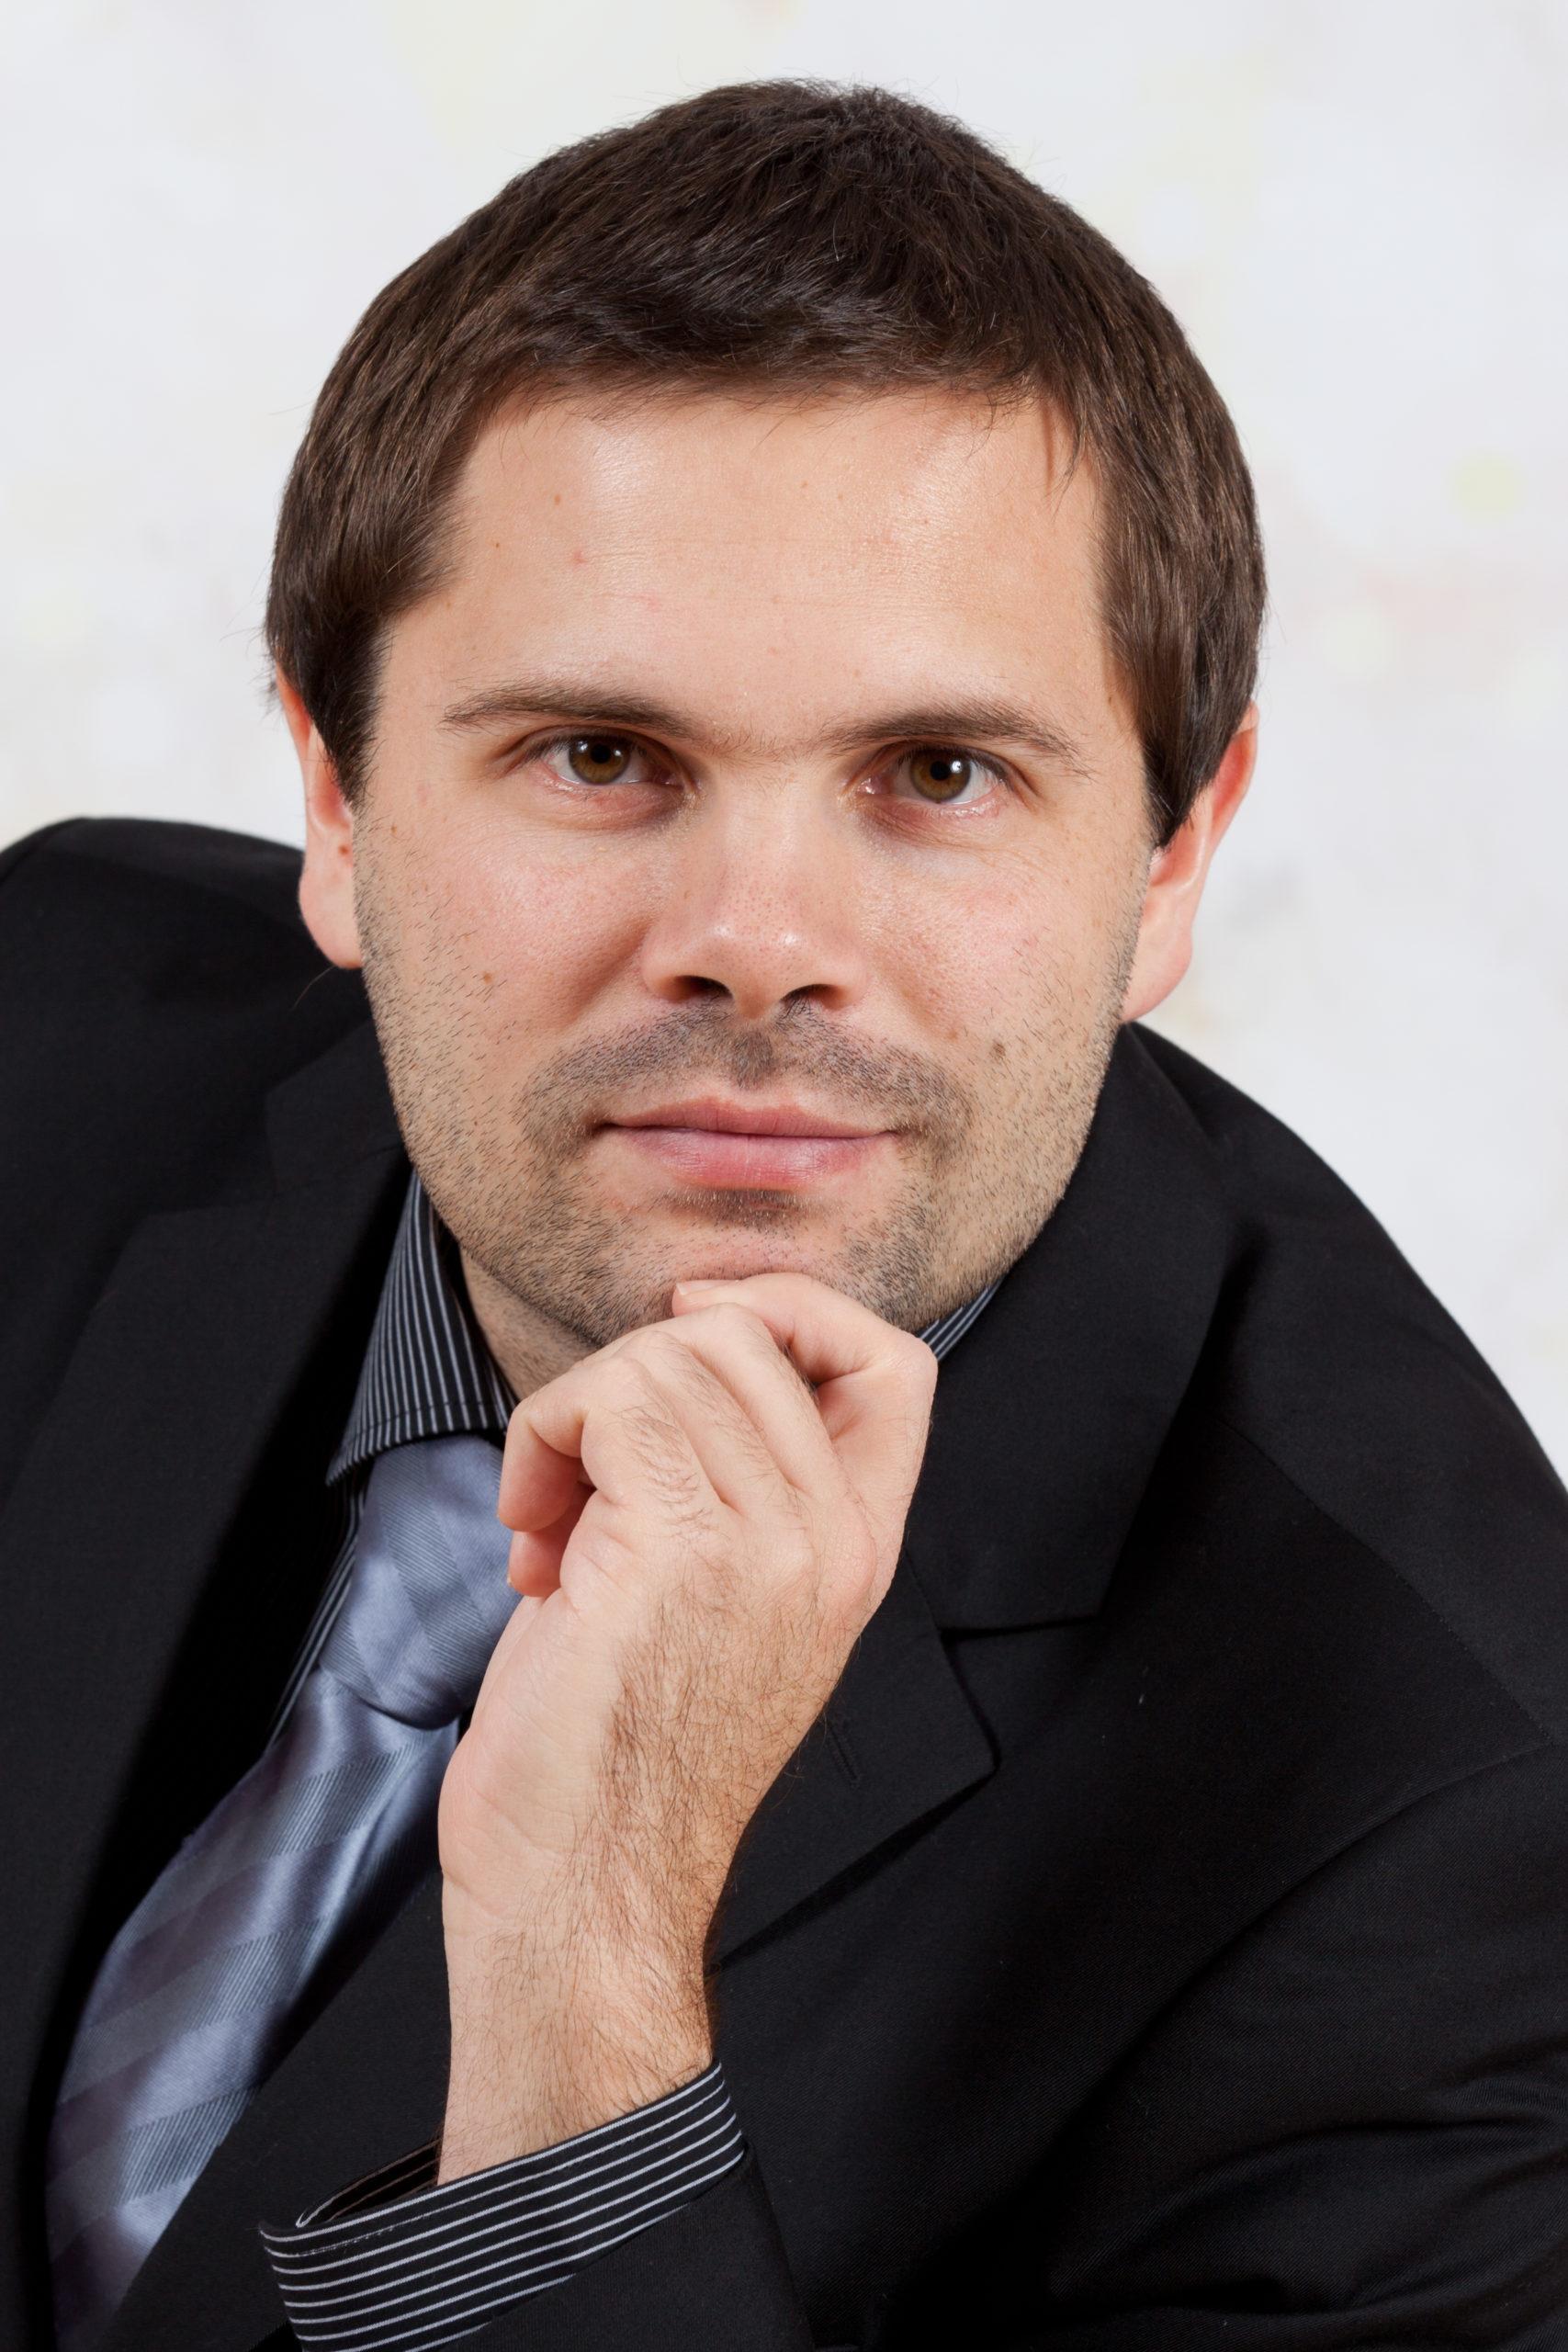 Thomas Hummel, Anwalt für Verfassungsbeschwerden